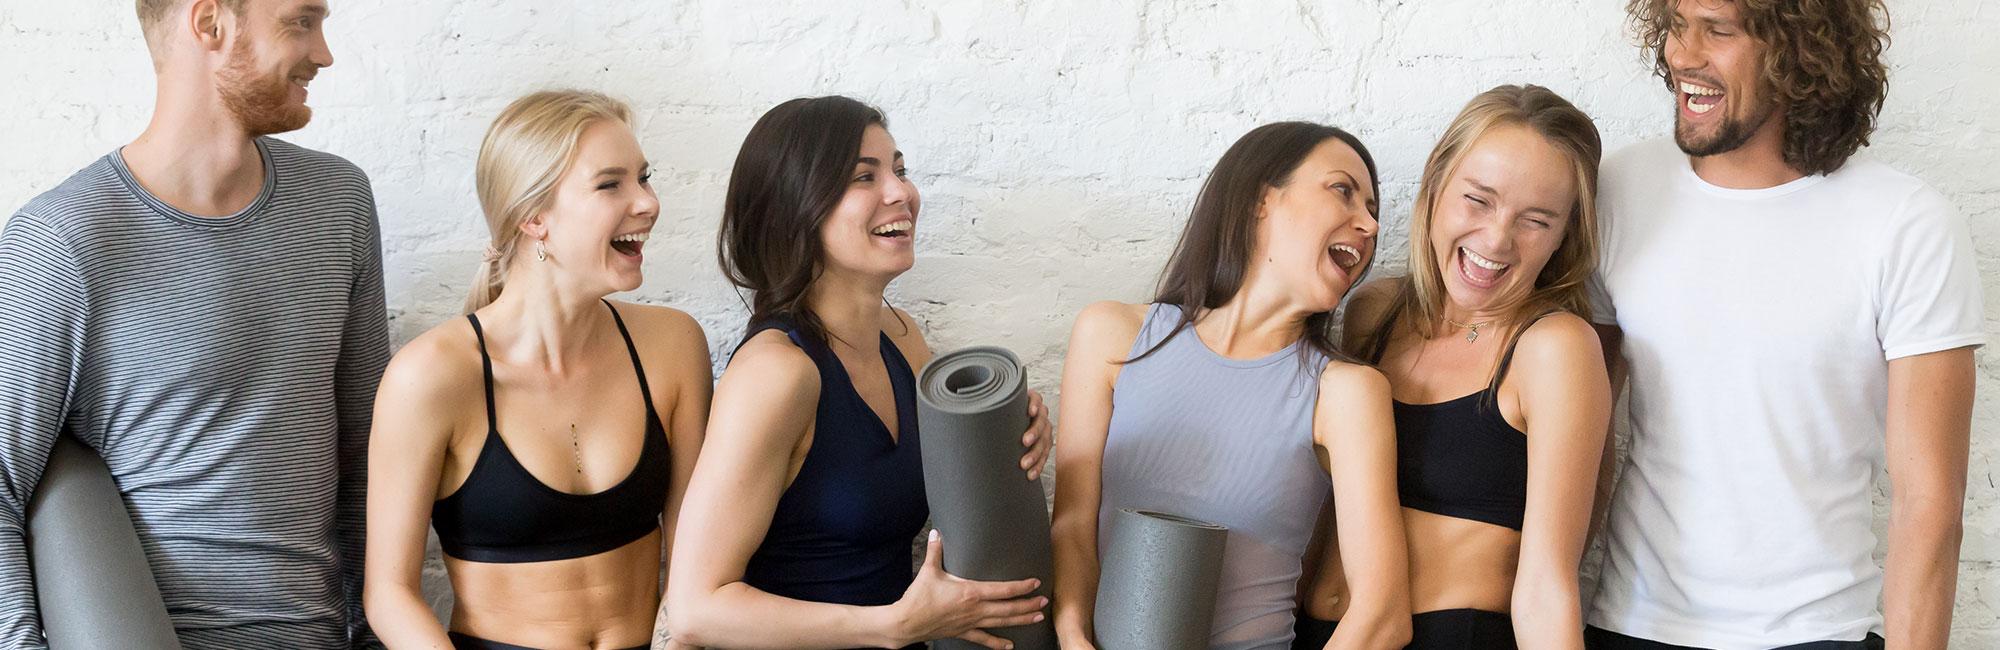 Avantatges per a Socis Yoga One